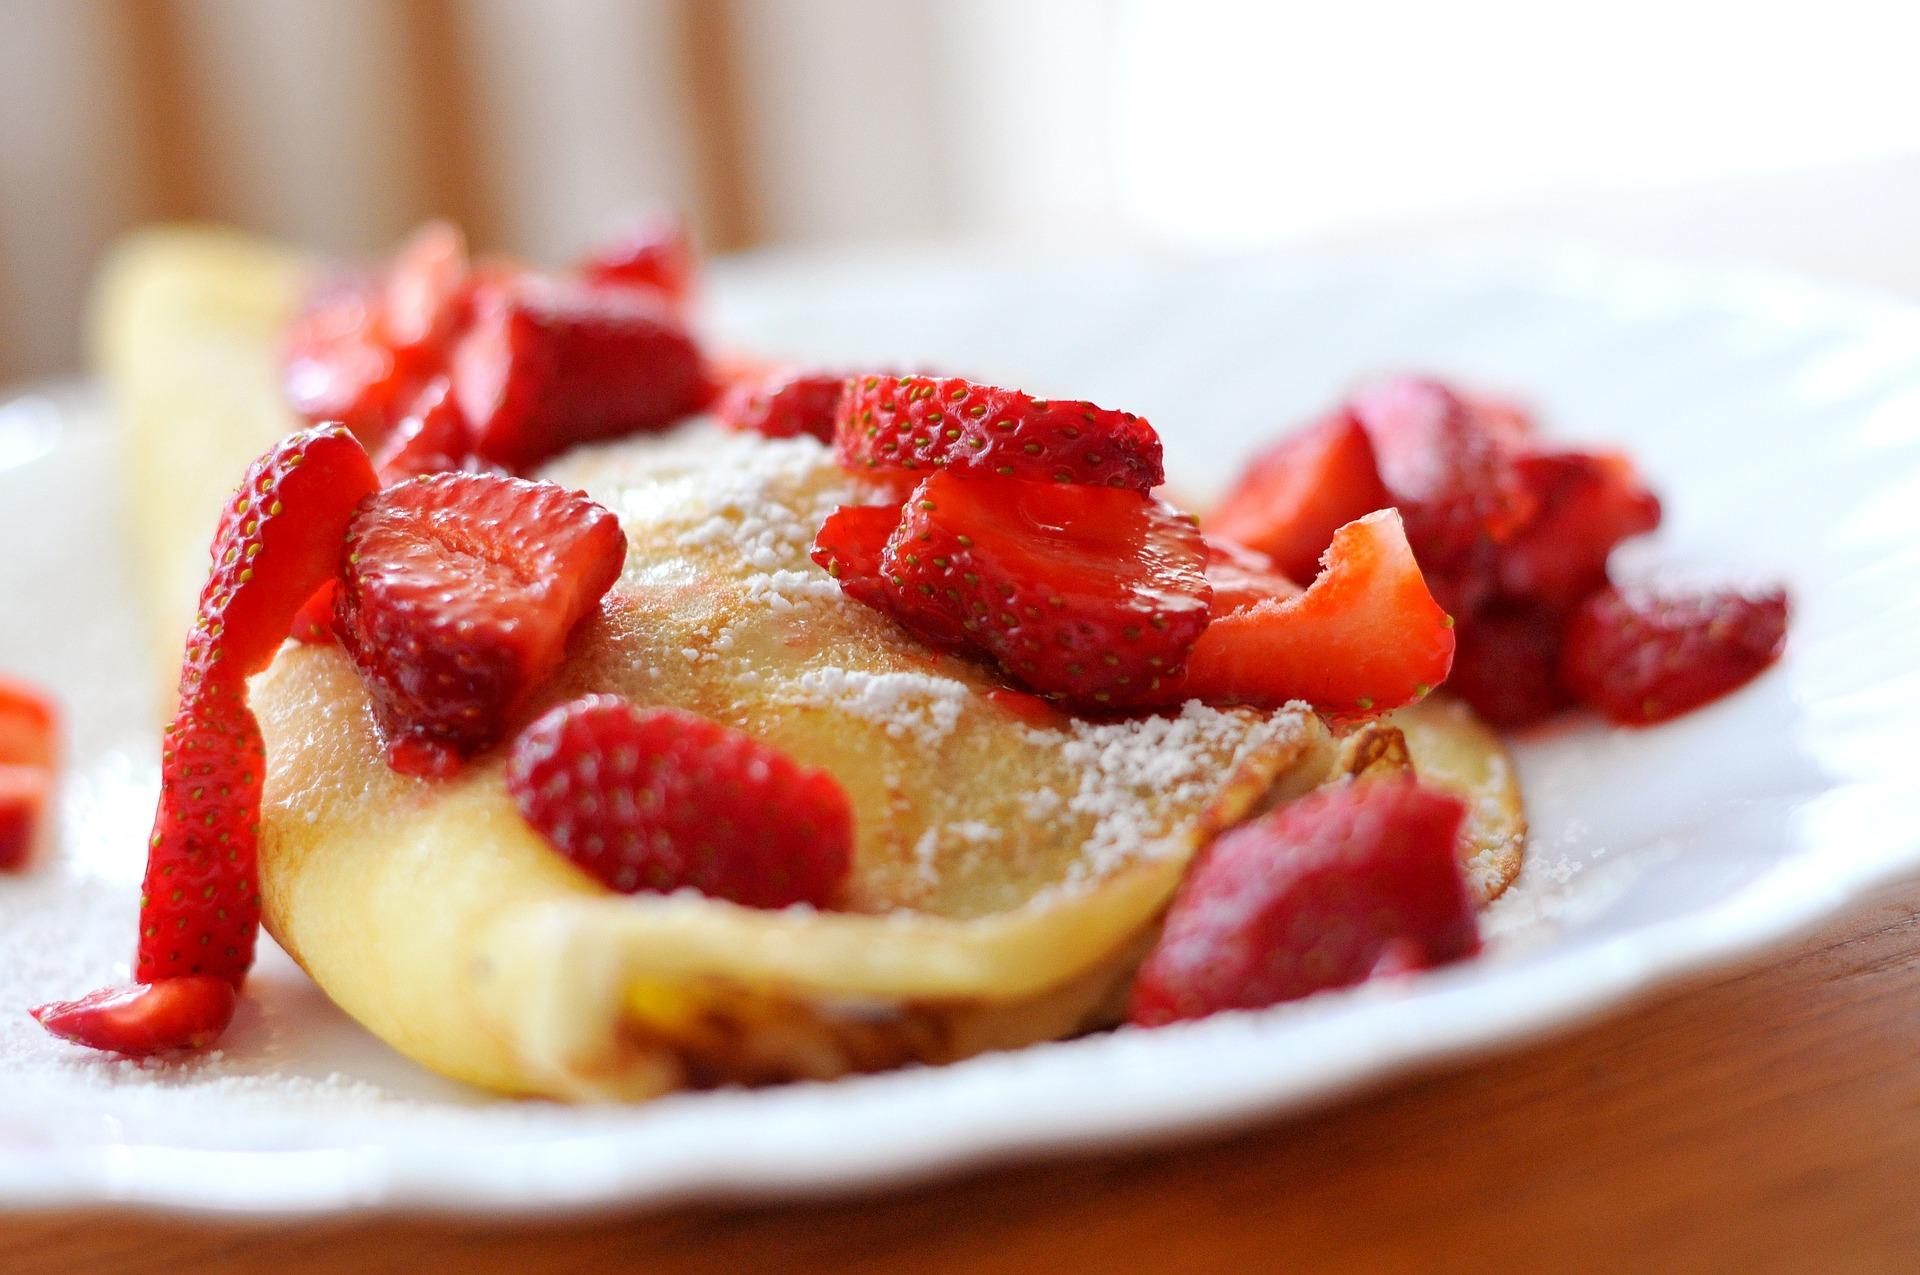 strawberries-932383_1920.jpg